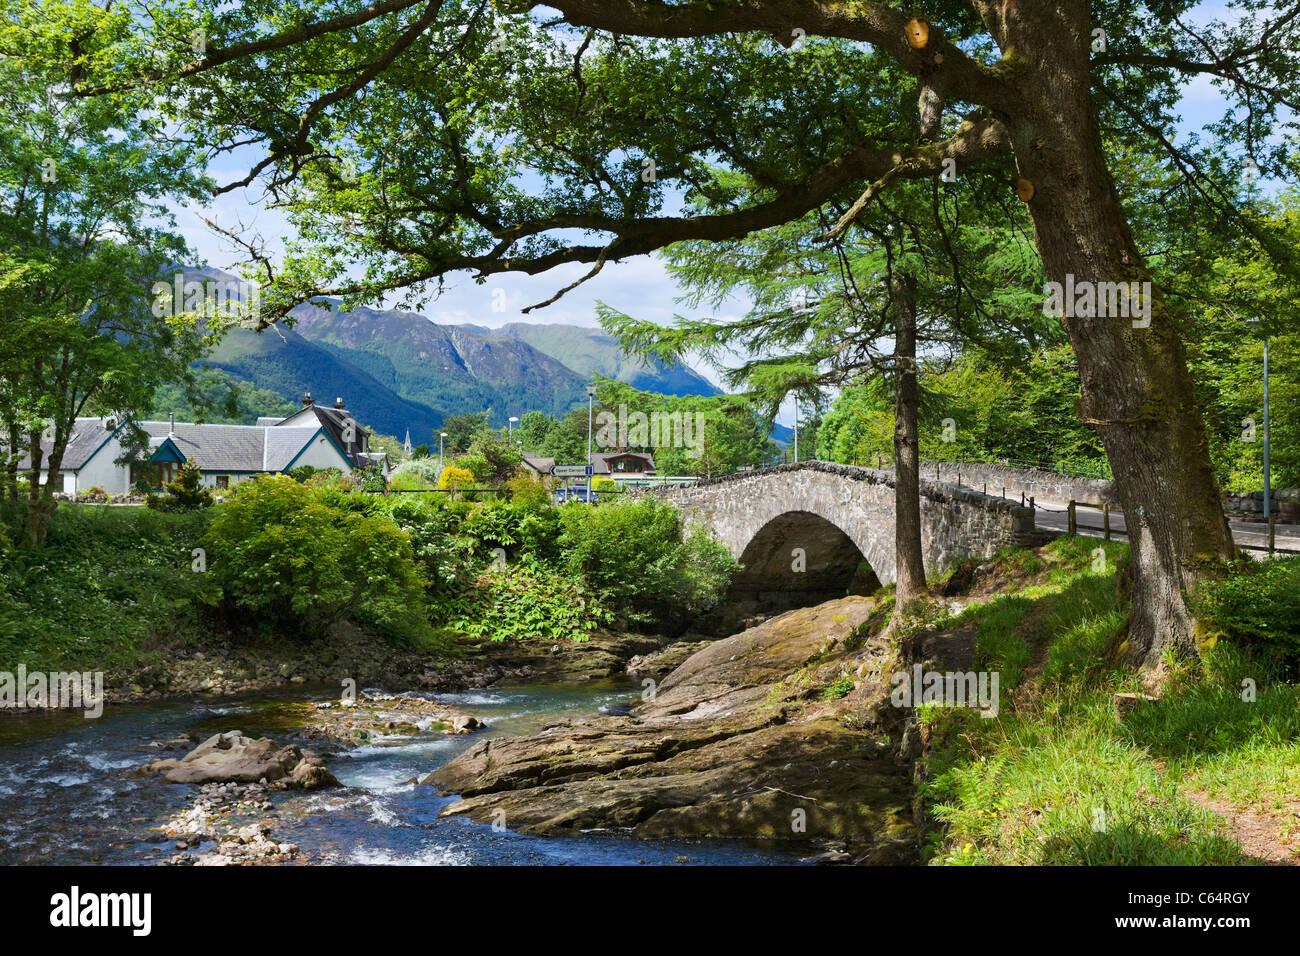 Puente sobre el río Coe en el municipio de Glencoe, de Glen Coe, en las Tierras Altas de Escocia, Escocia, Imagen De Stock